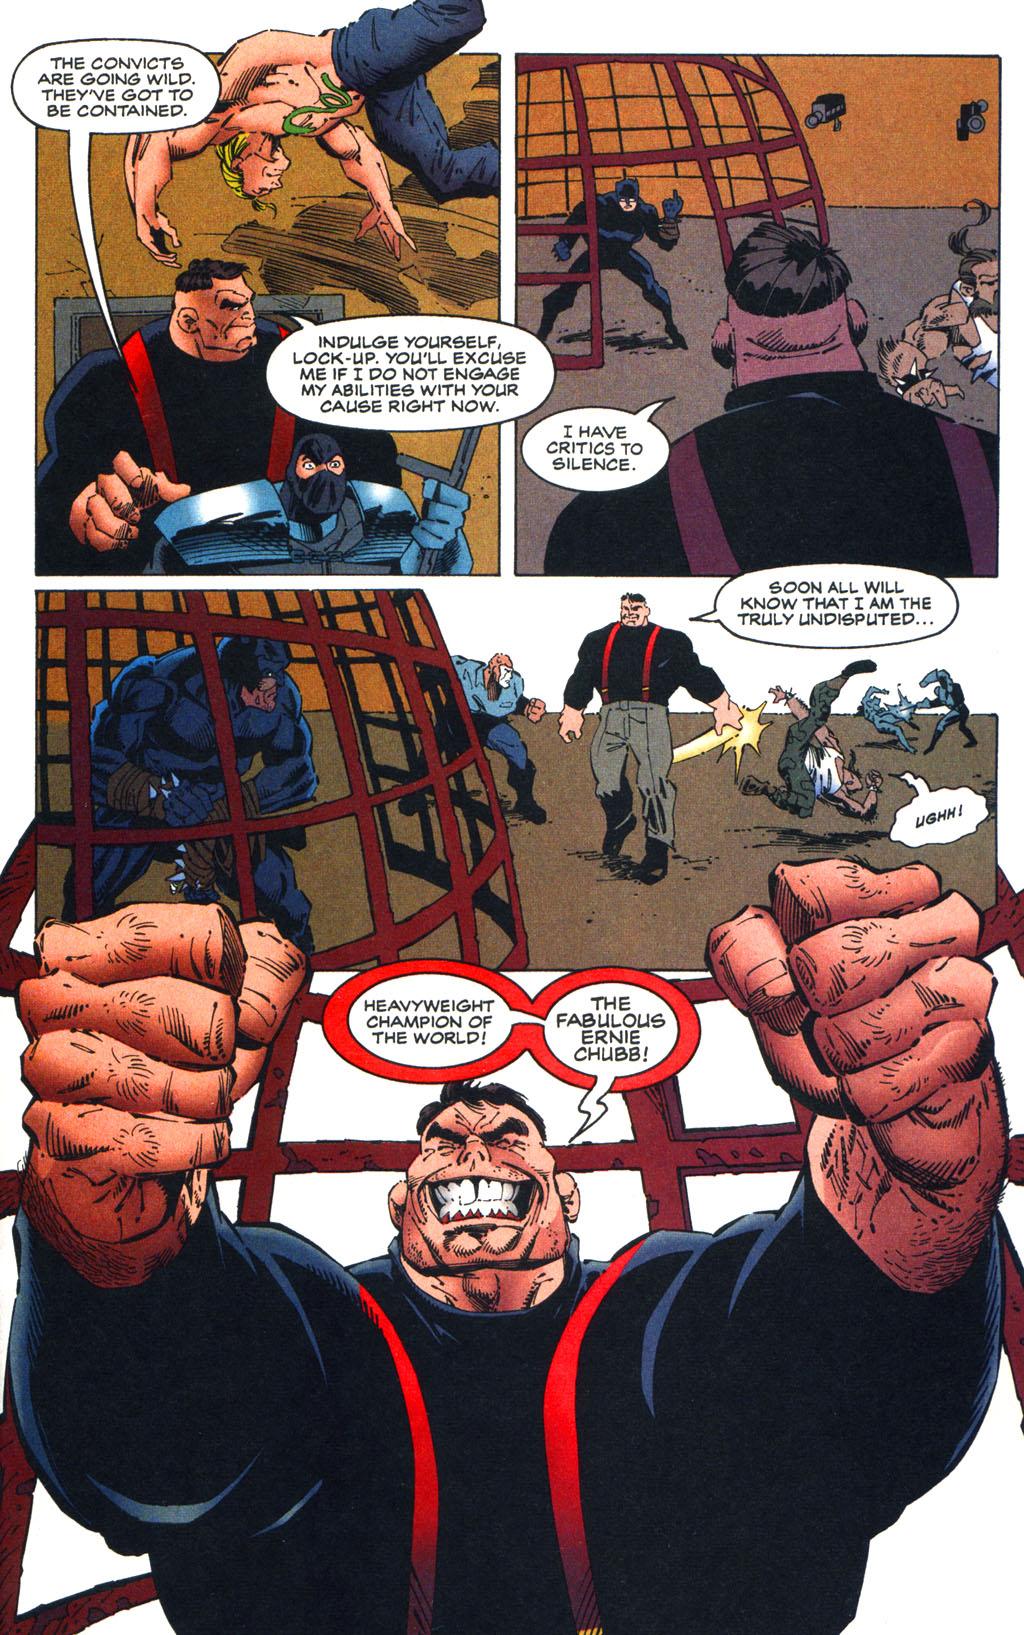 Read online Batman/Wildcat comic -  Issue #3 - 16